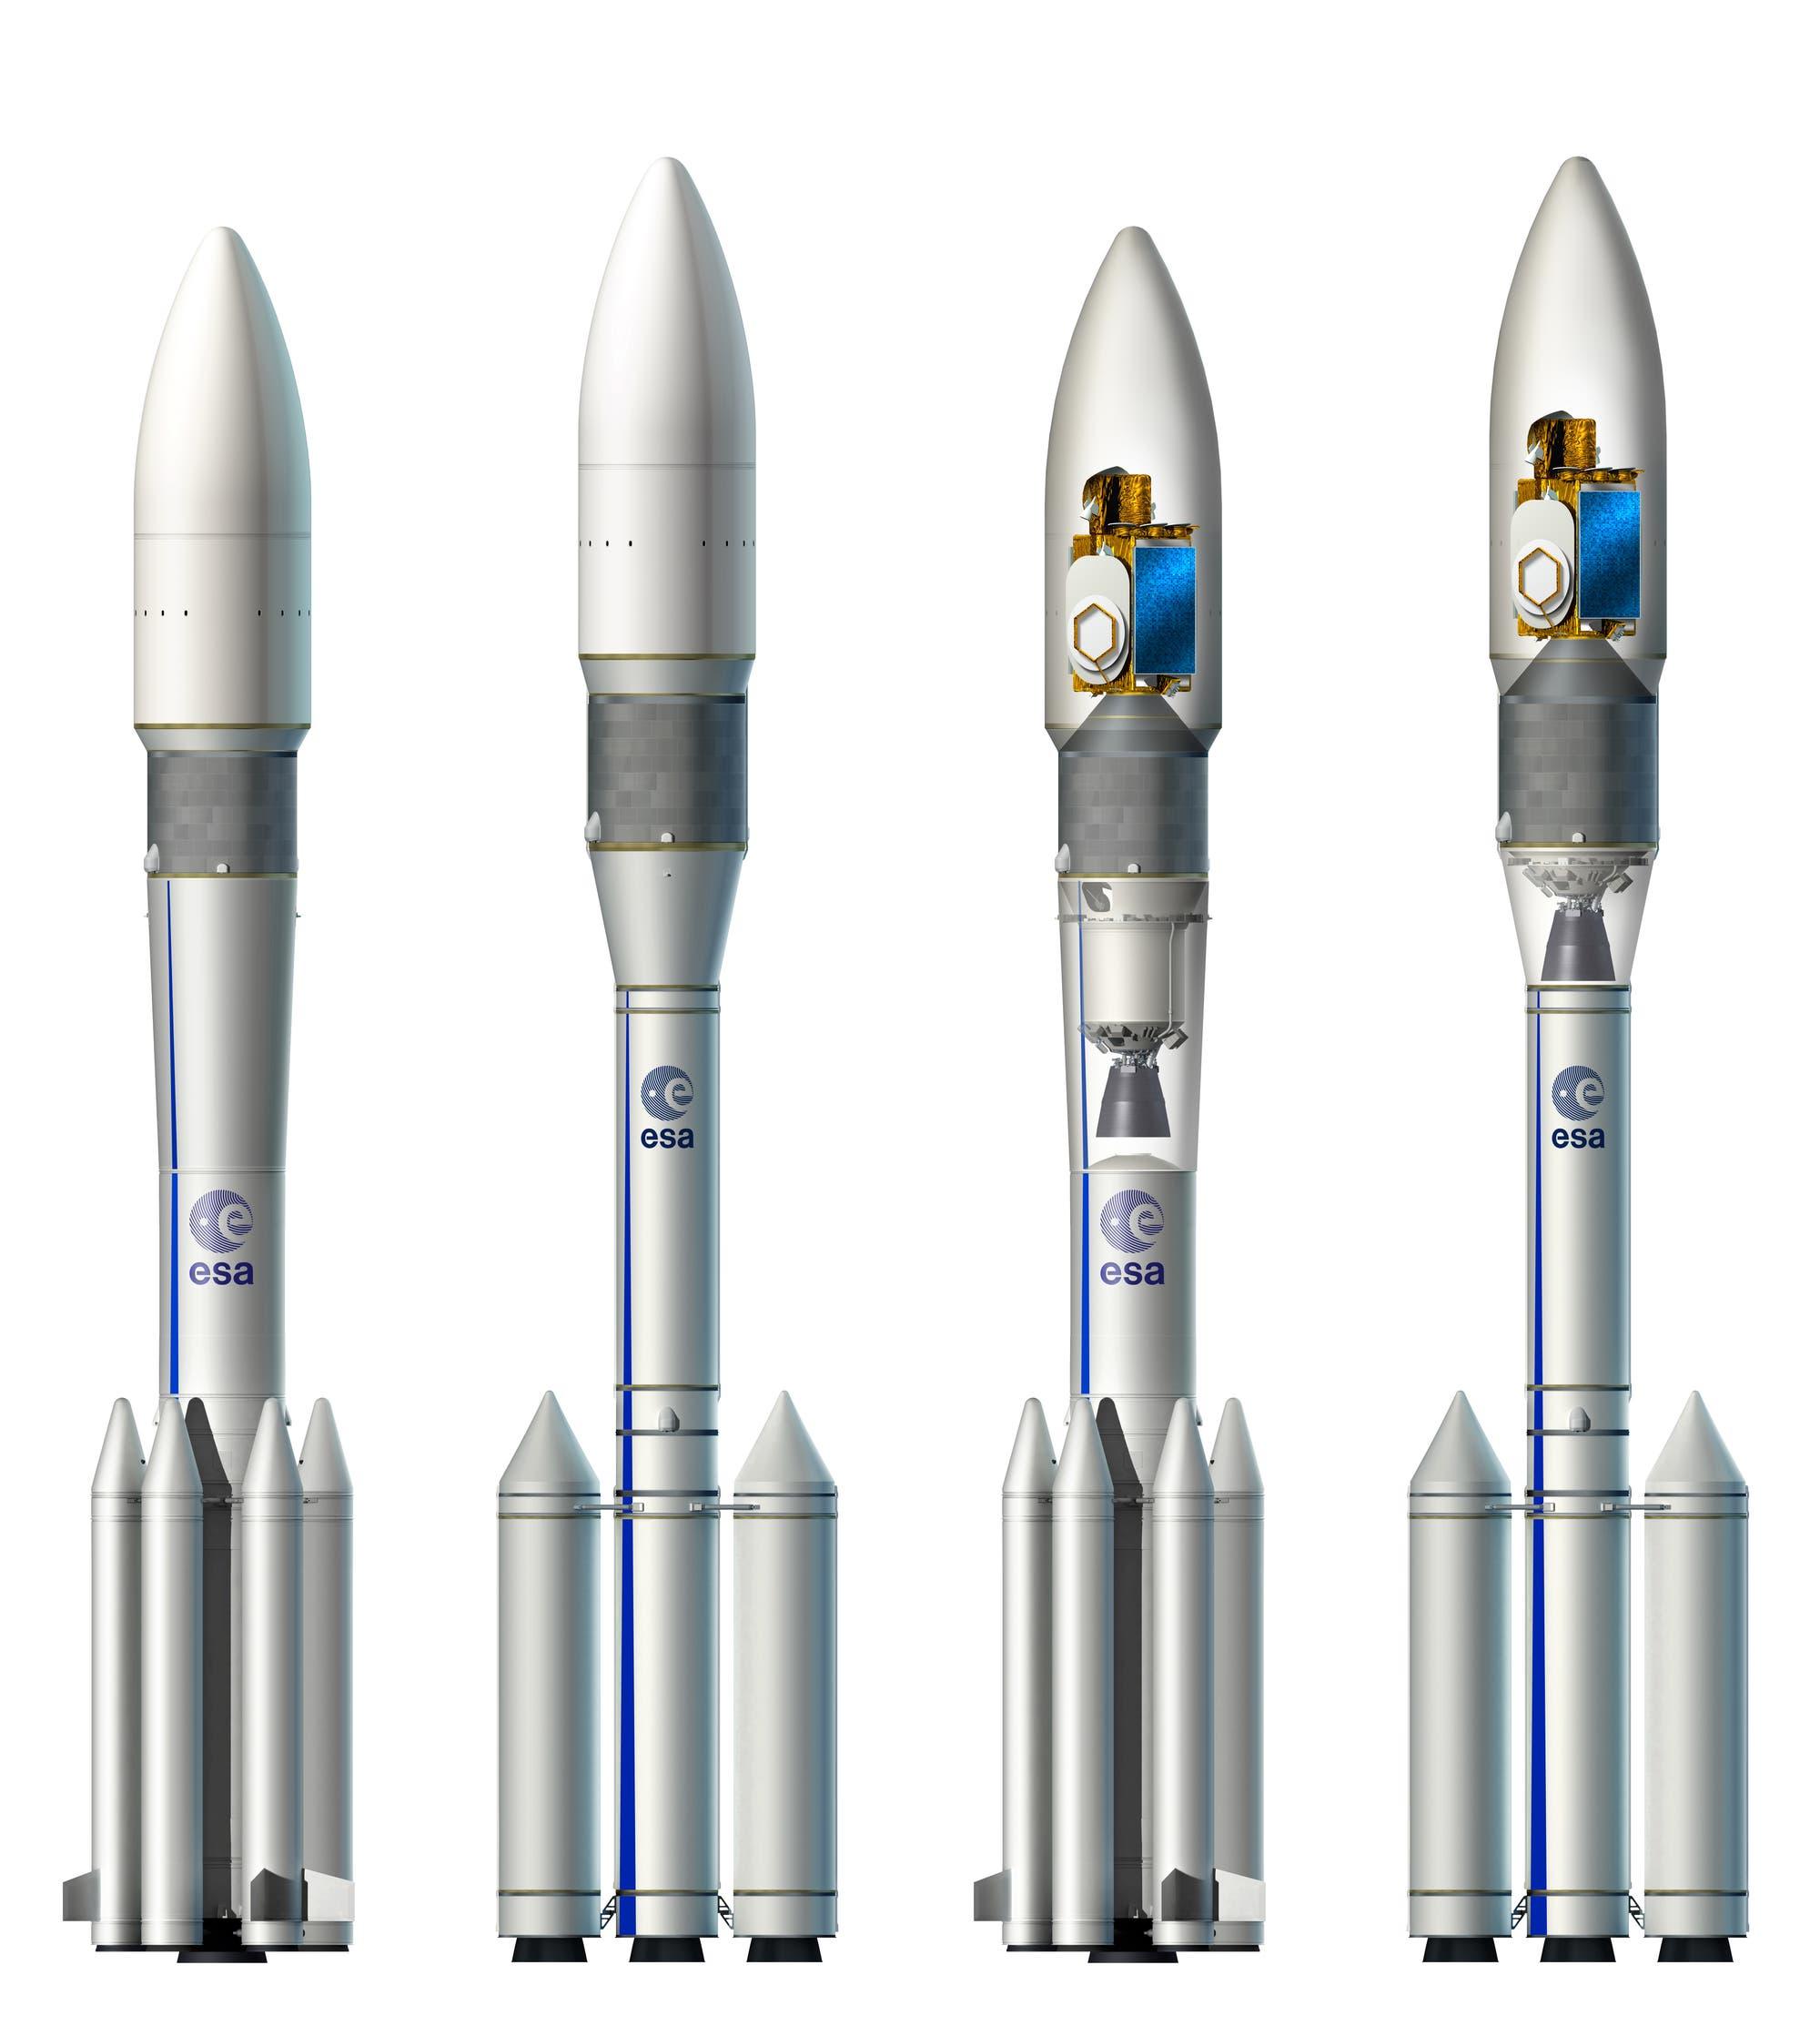 Untersuchte Konzepte für die Ariane 6